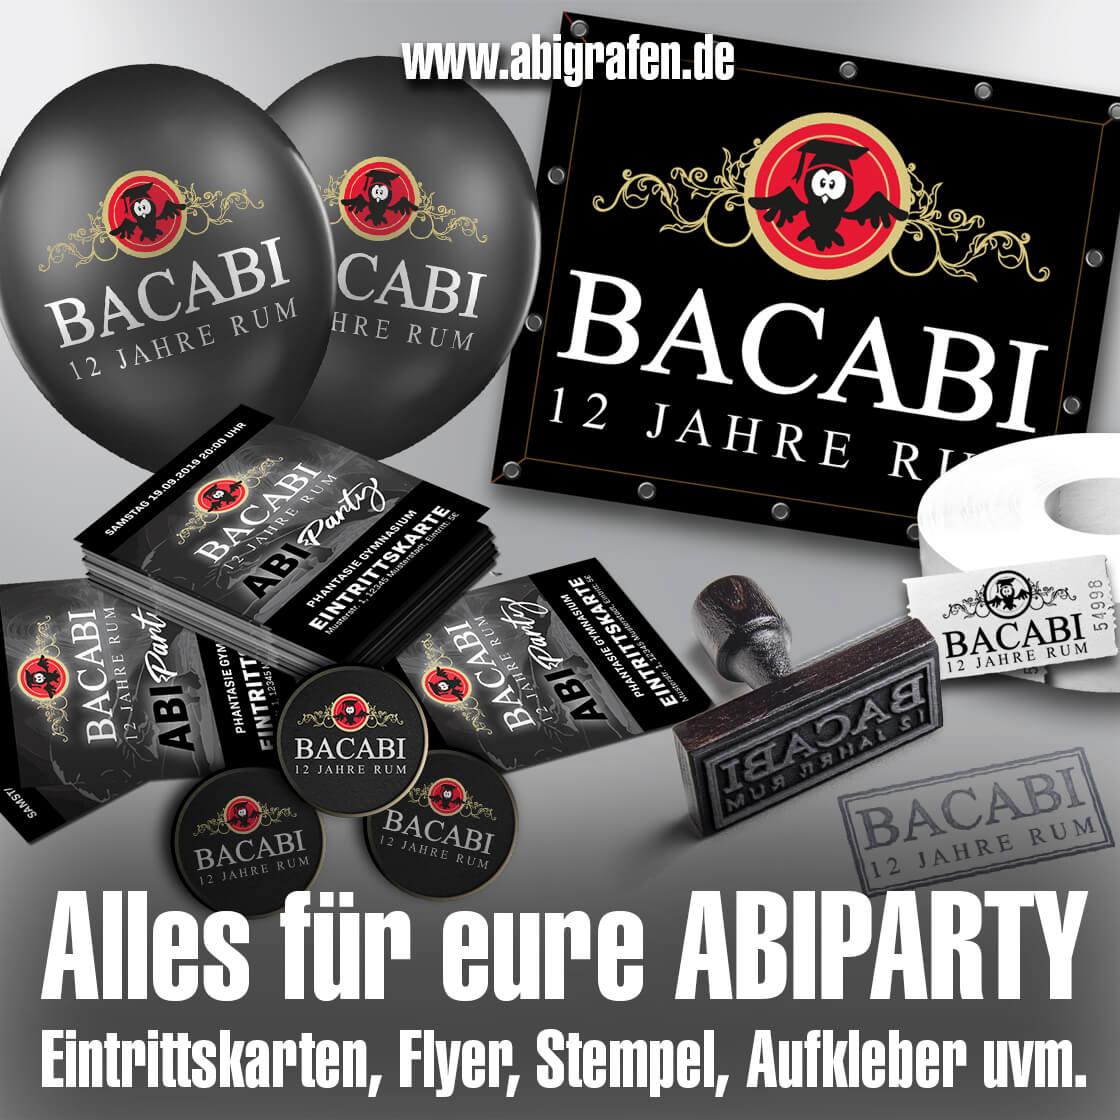 Abishop: alles für Abiparties & Vofi-Feten: Flyer, Ballons, Poster, Eintrittskarten, Banner, Wertmarken, Stempel…)